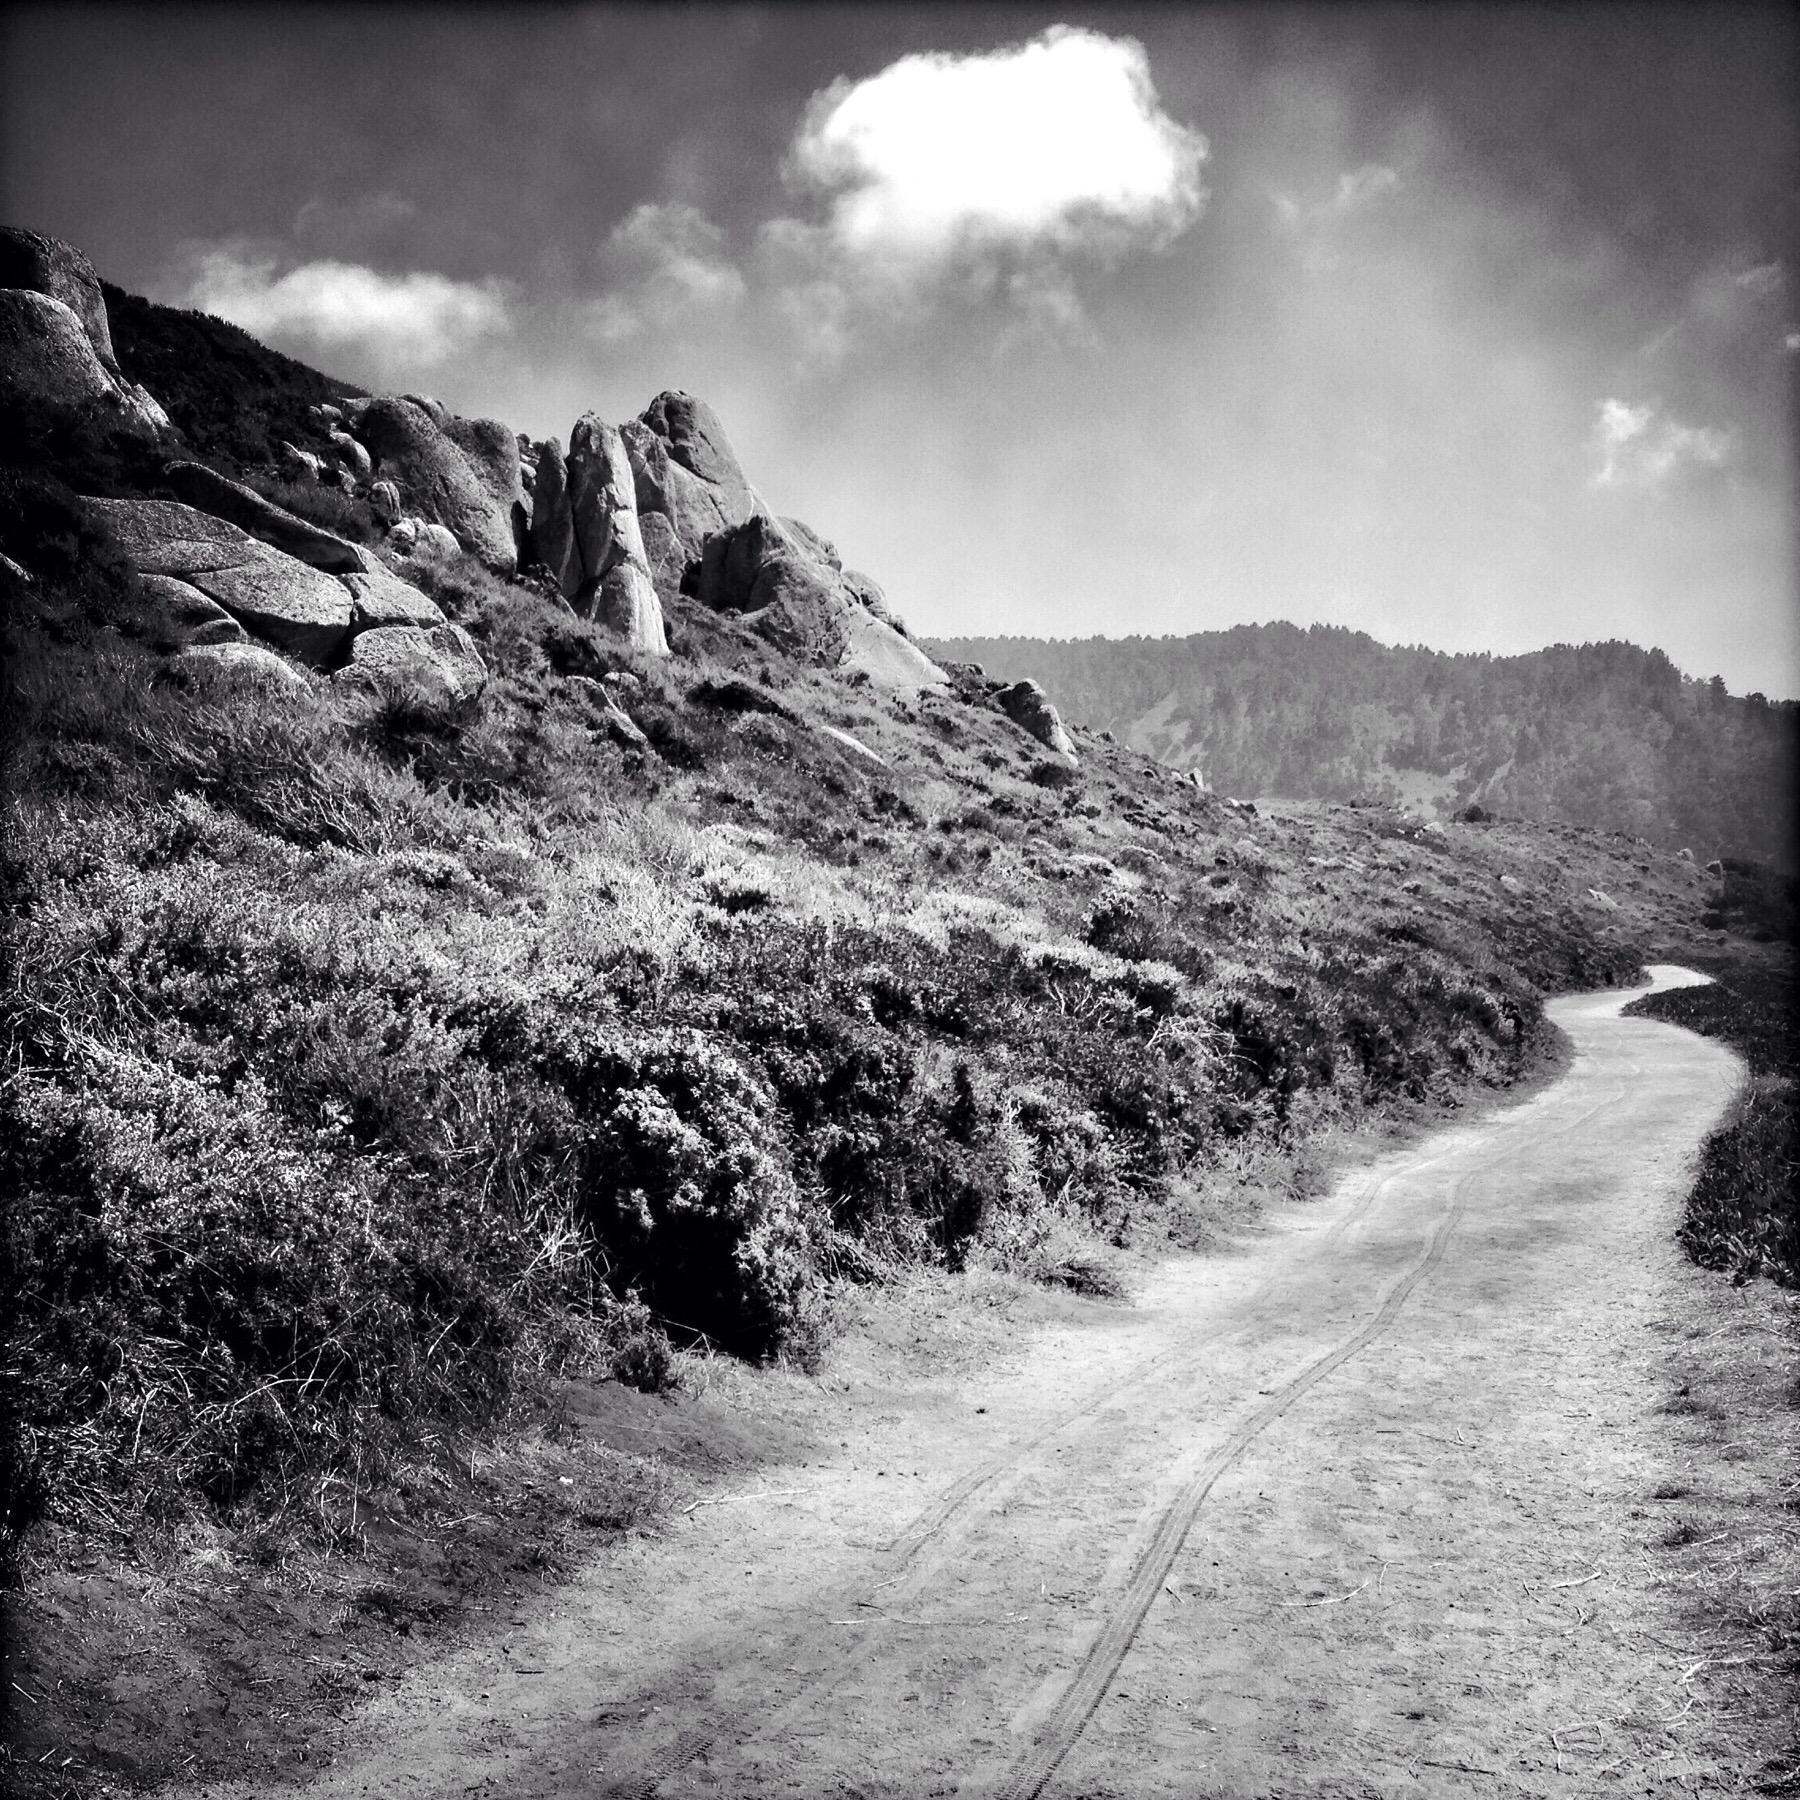 My Path, 2014